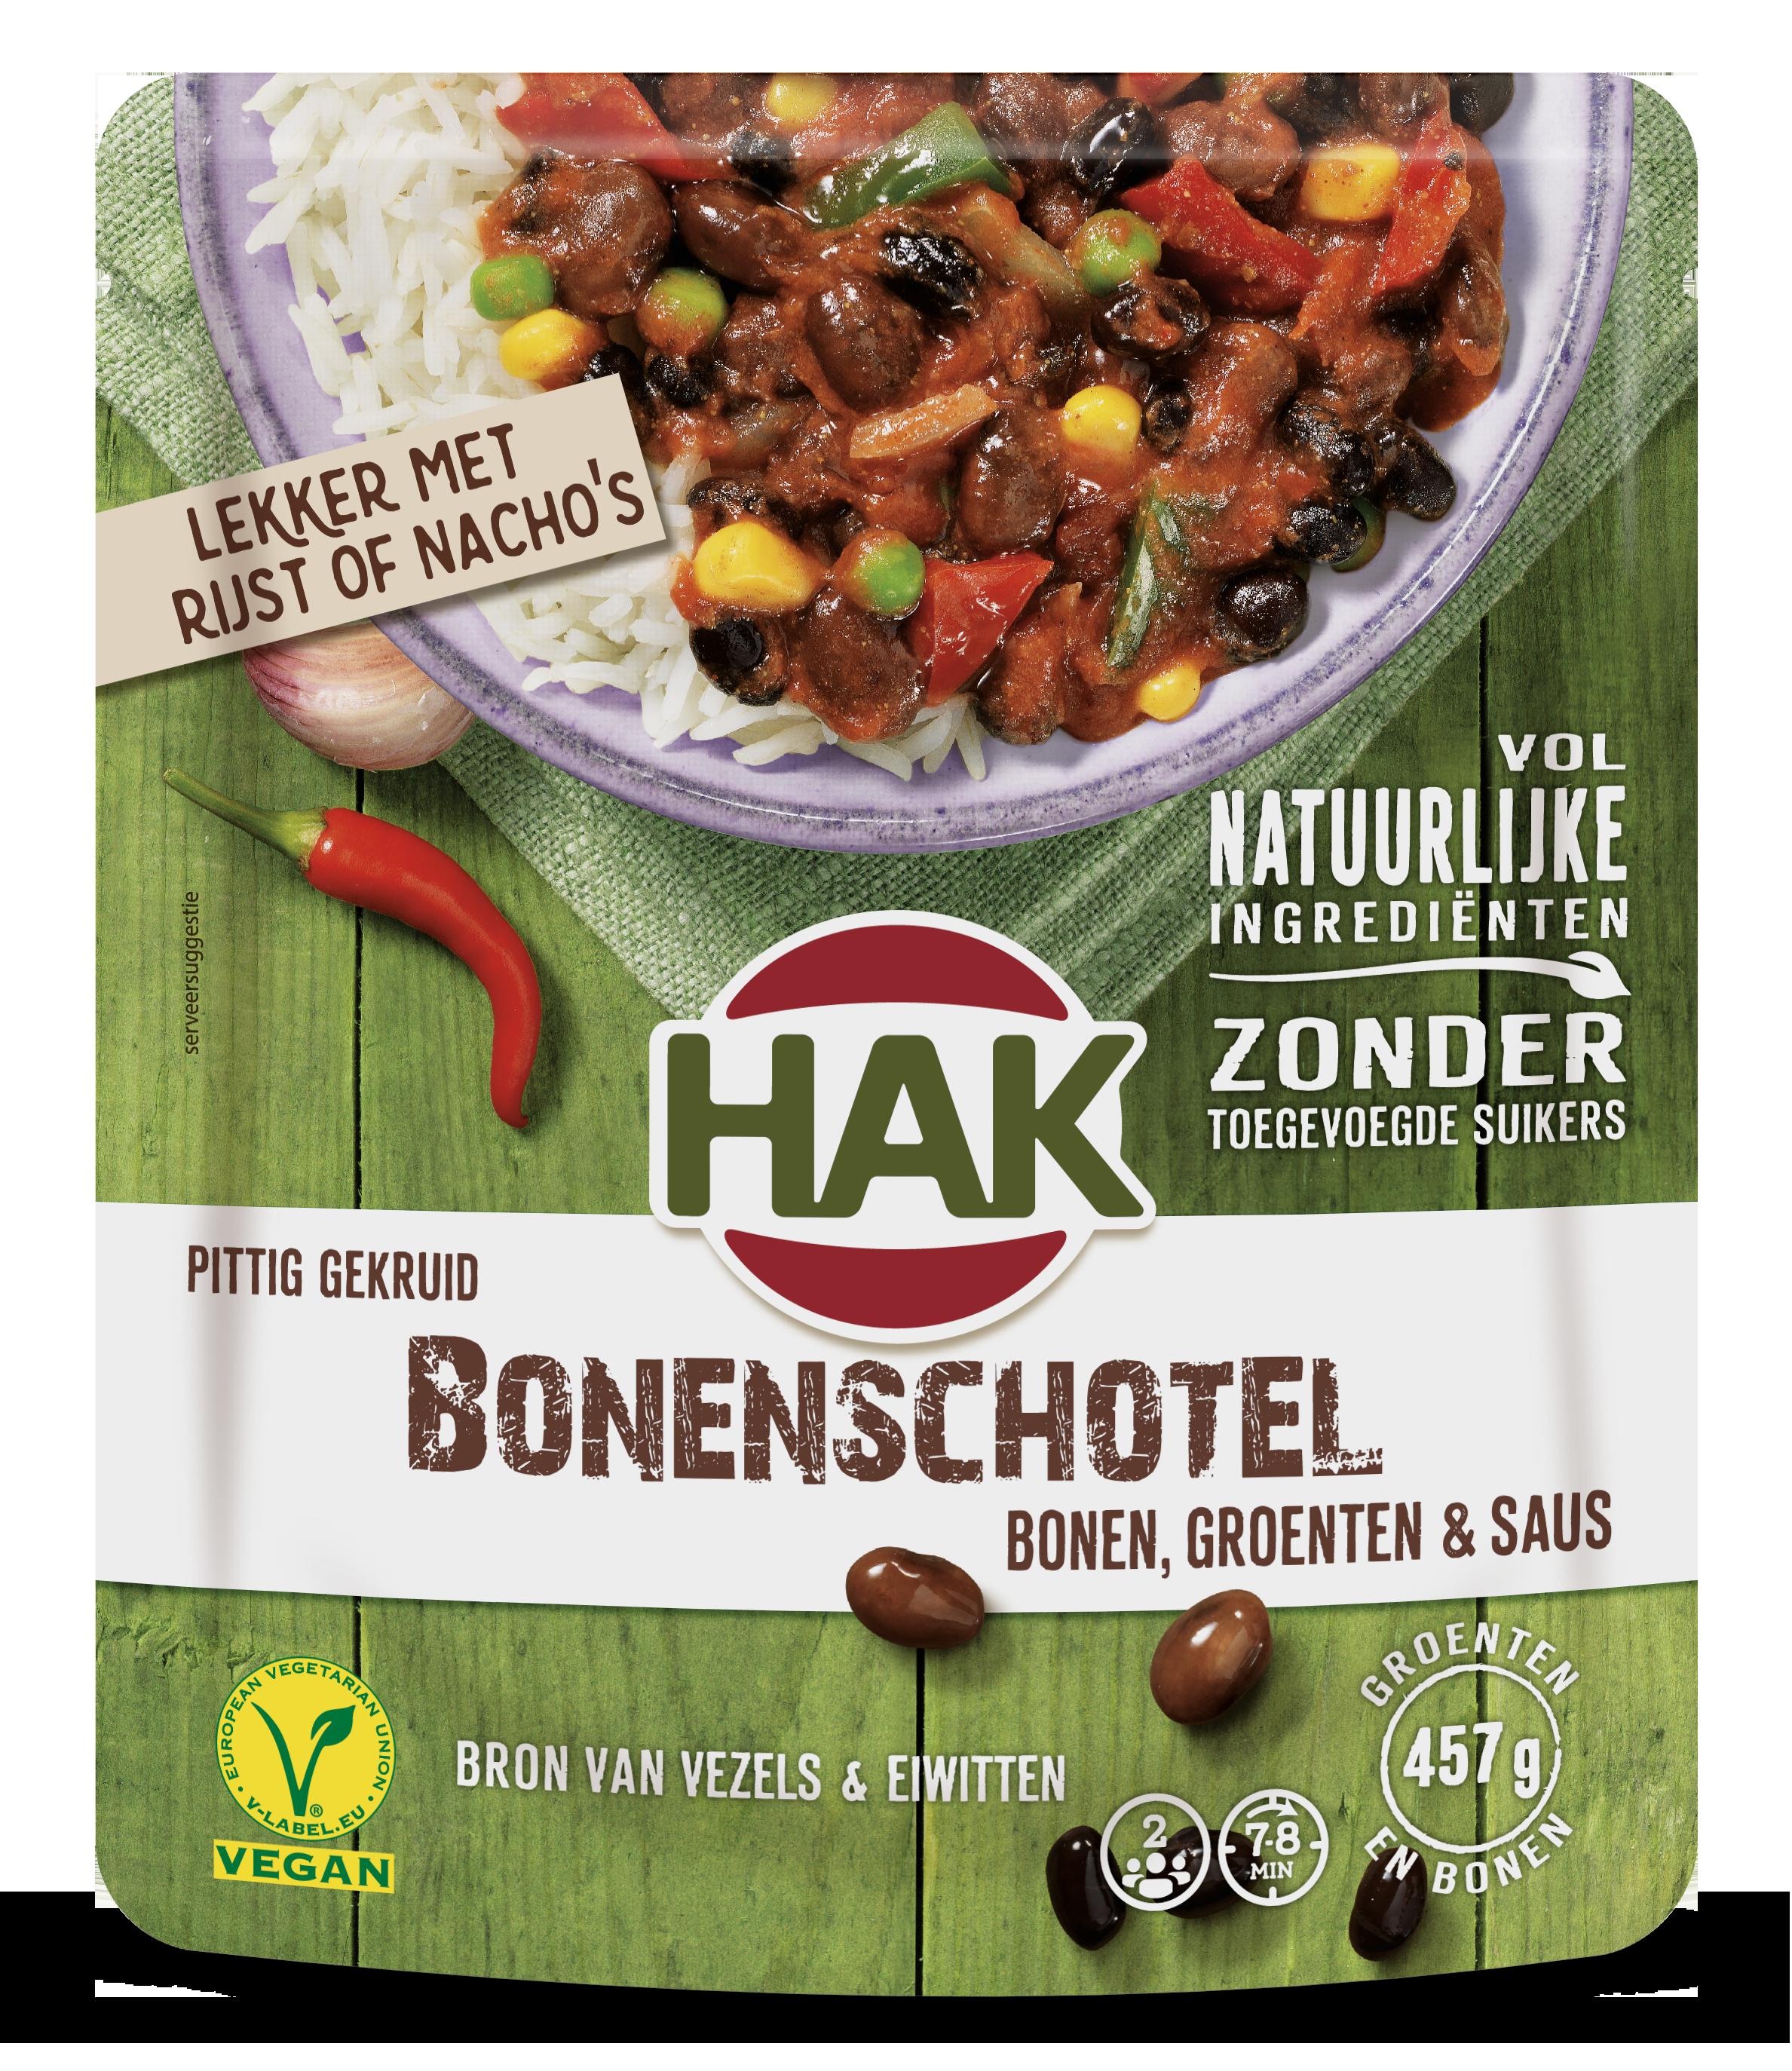 Hak Bonenschotel Nl 550G Ean 8720600616327